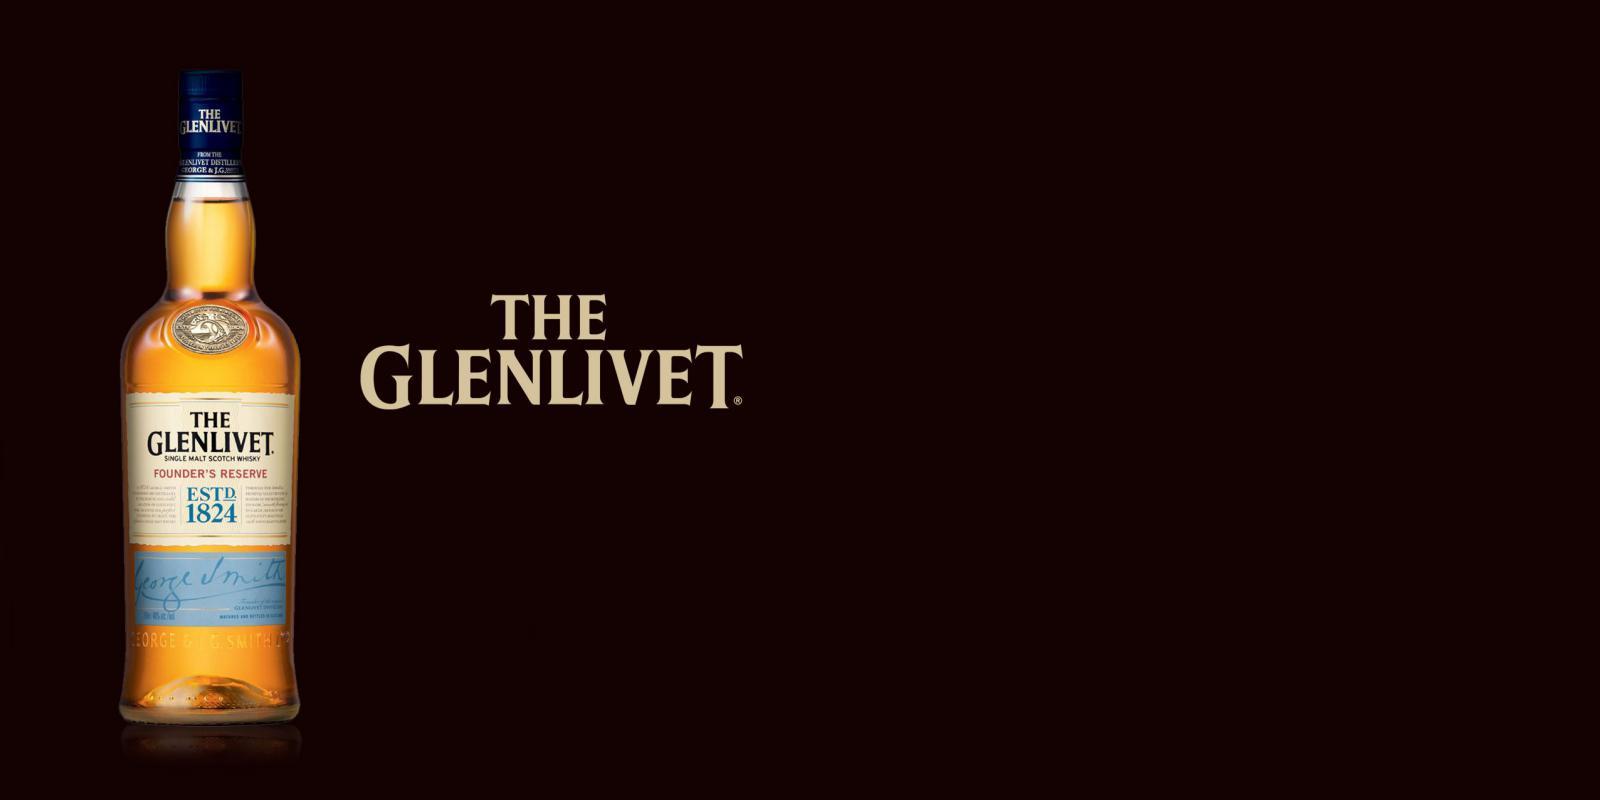 Image représentant le produit The Glenlivet en grand format, pour mieux voir le produit.